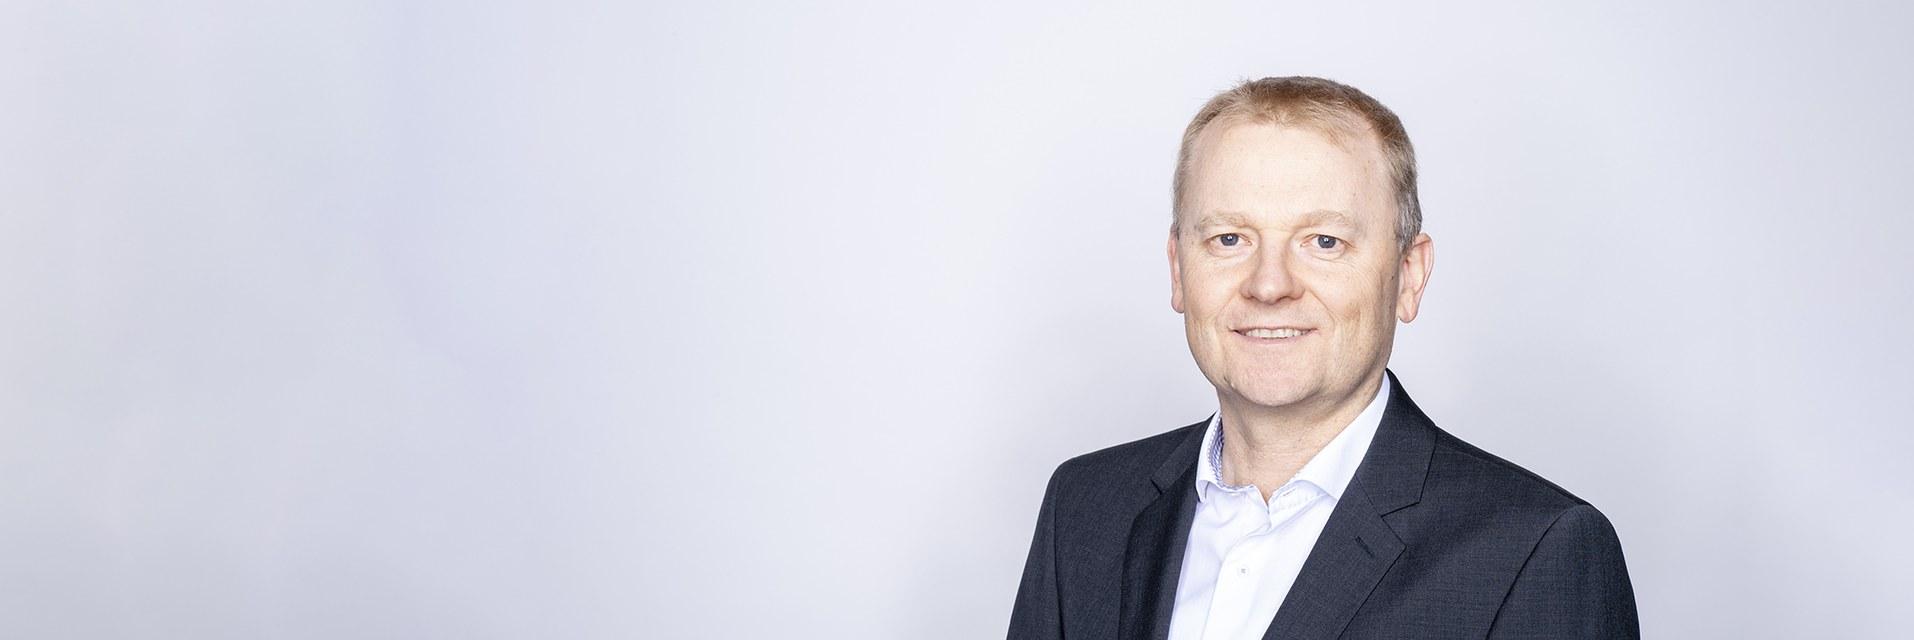 Prof. Dr. Karsten Frick